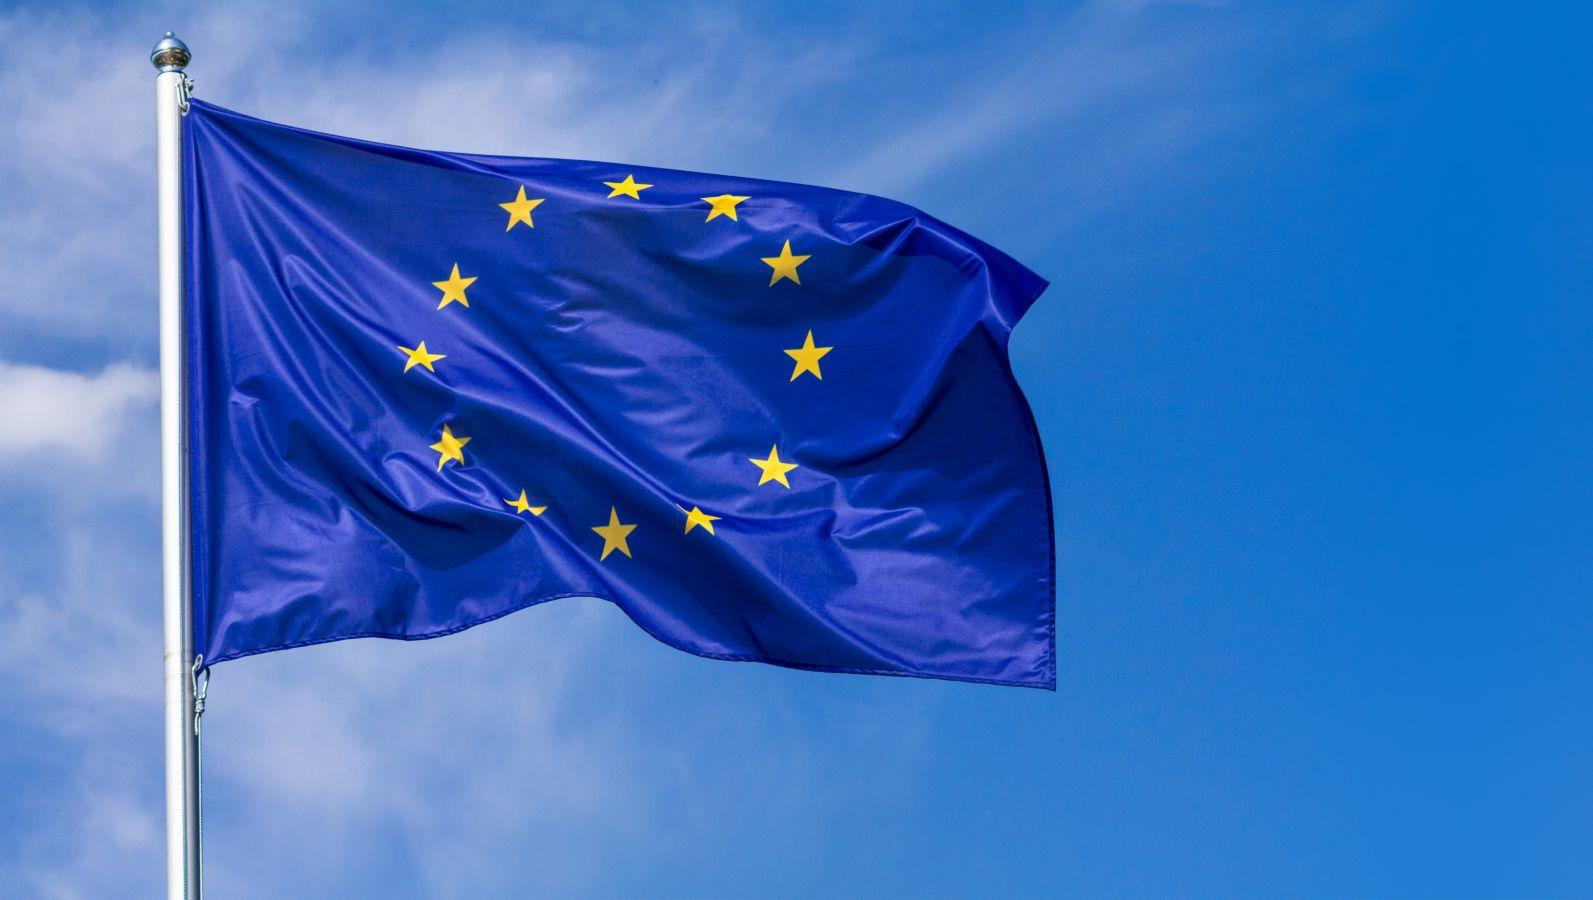 An dem Obertteil eines Fahnenmastes weht die Flagge der Europäischen Union vor blauem Himmel.